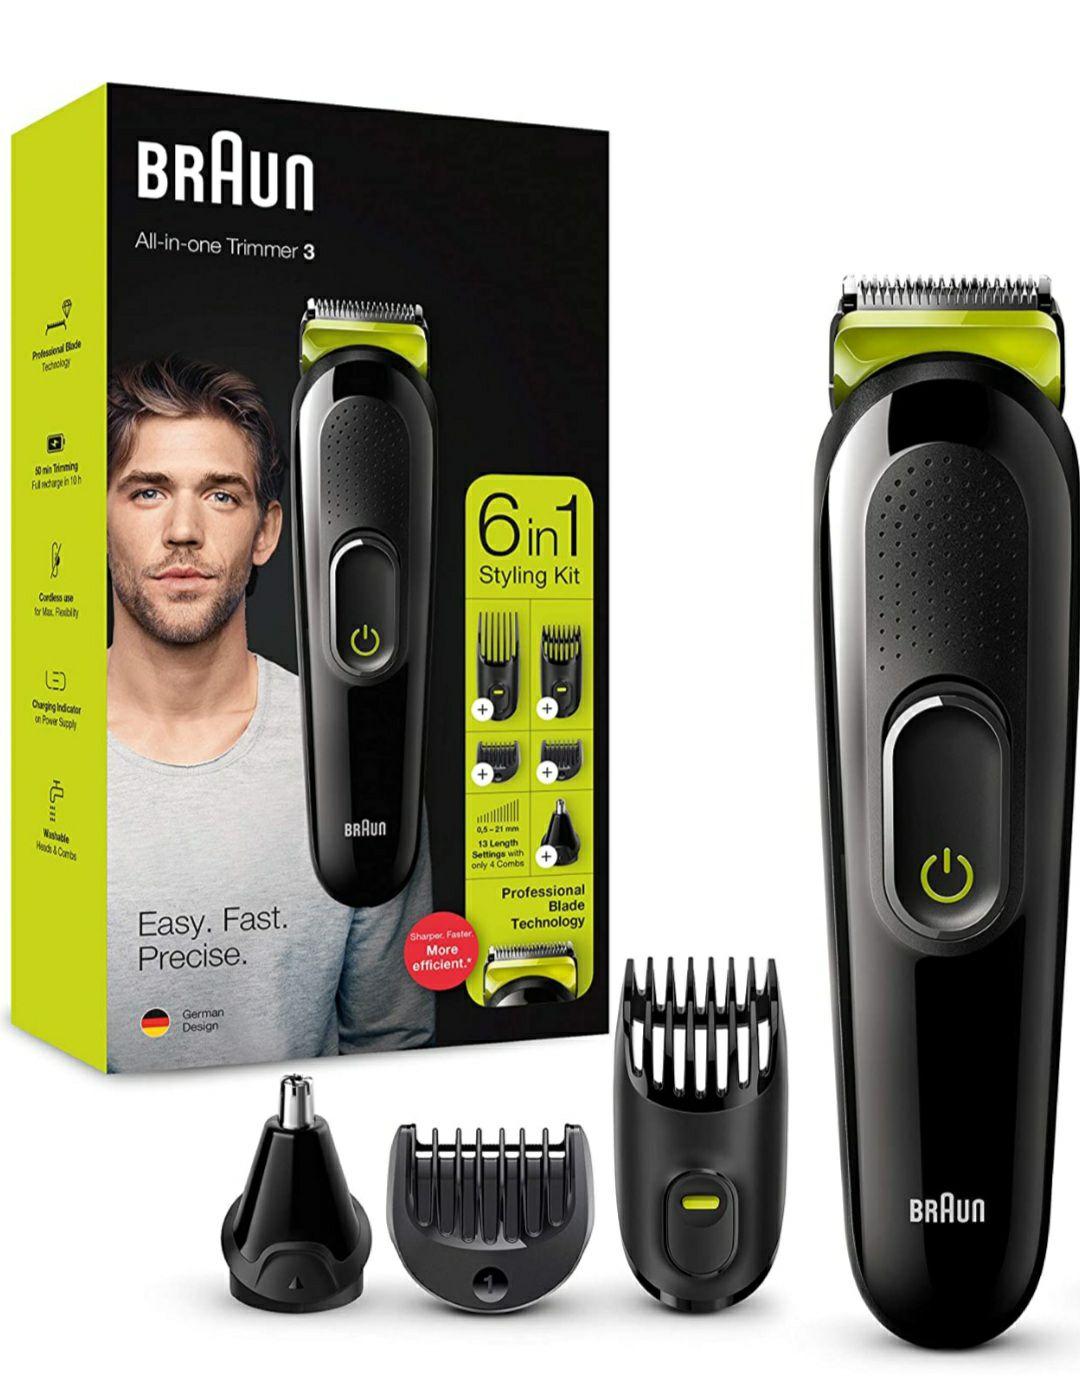 Braun Recortadora MGK3221 6 en 1, Máquina recortadora barba, cortapelos, recortadora facial, nariz y orejas, verde, Maquina cortar pelo